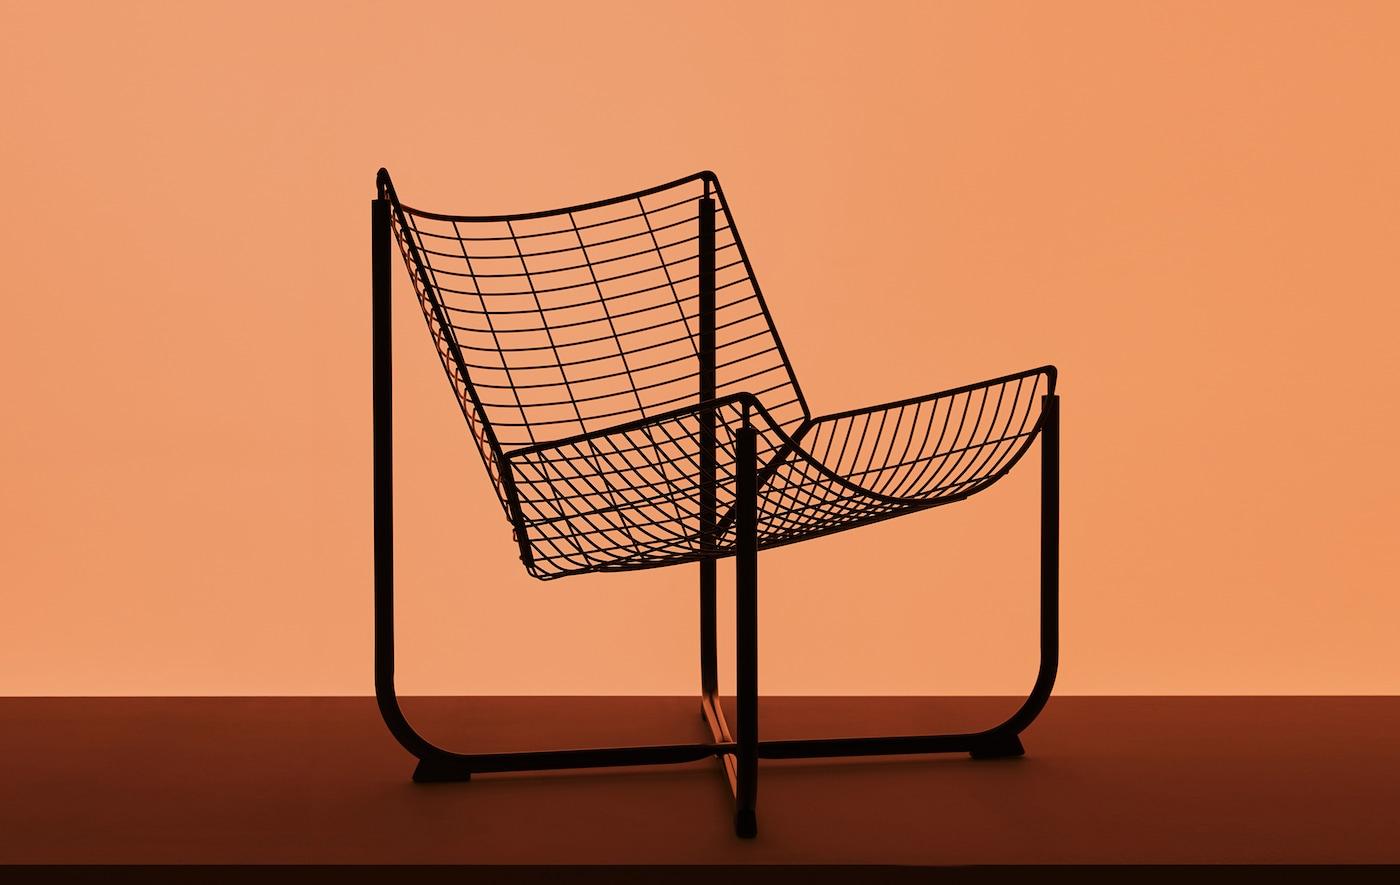 橘色背景前,摆放着一张黑色网格扶手椅。